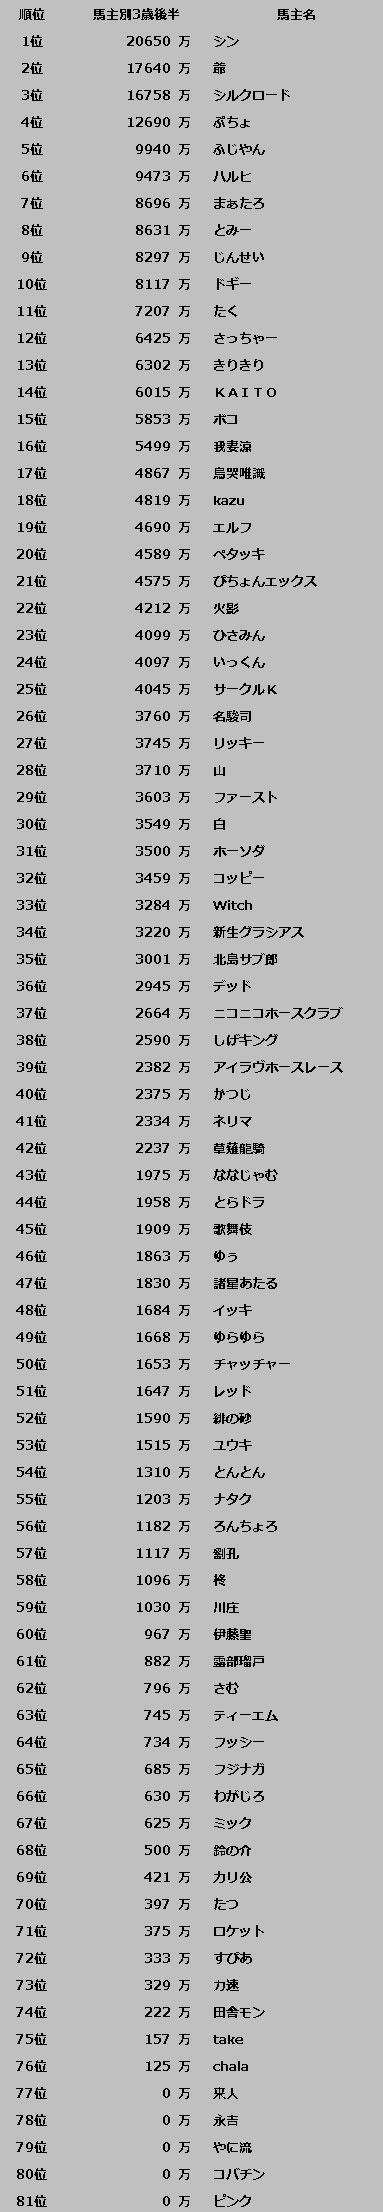 後半戦区間賞順位(9-1_12-5)